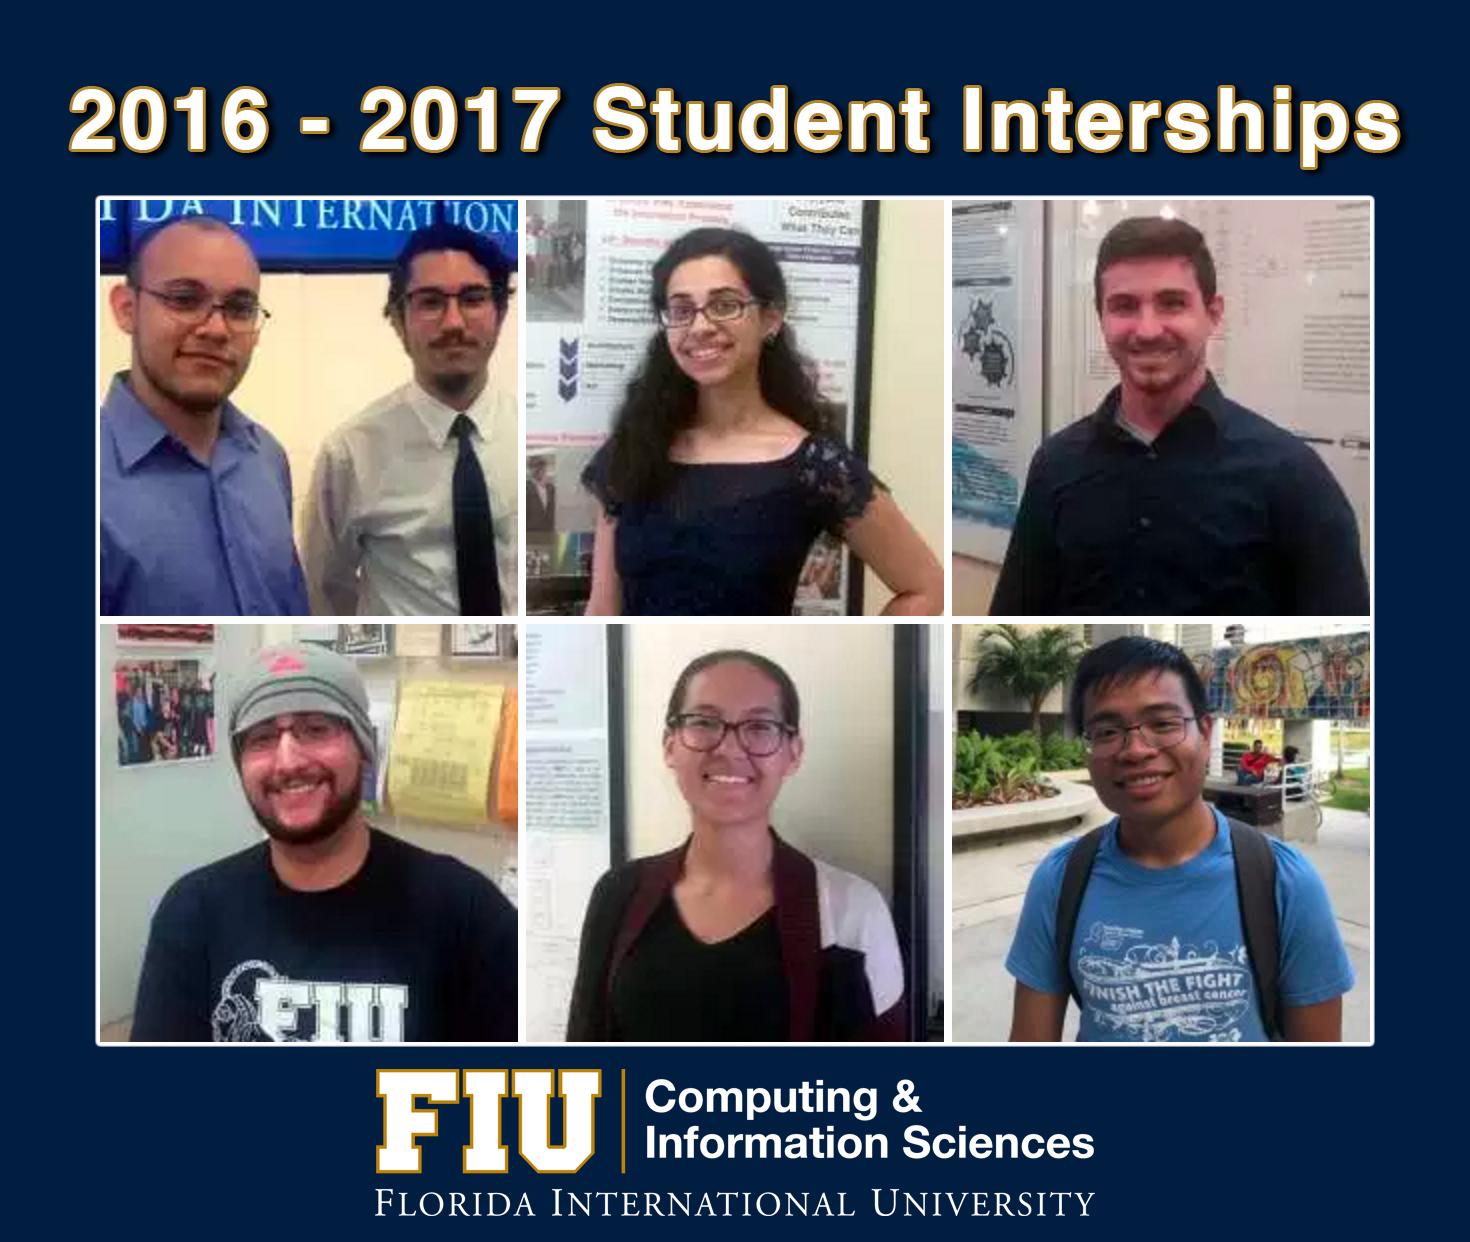 Summer Student Internships Poster